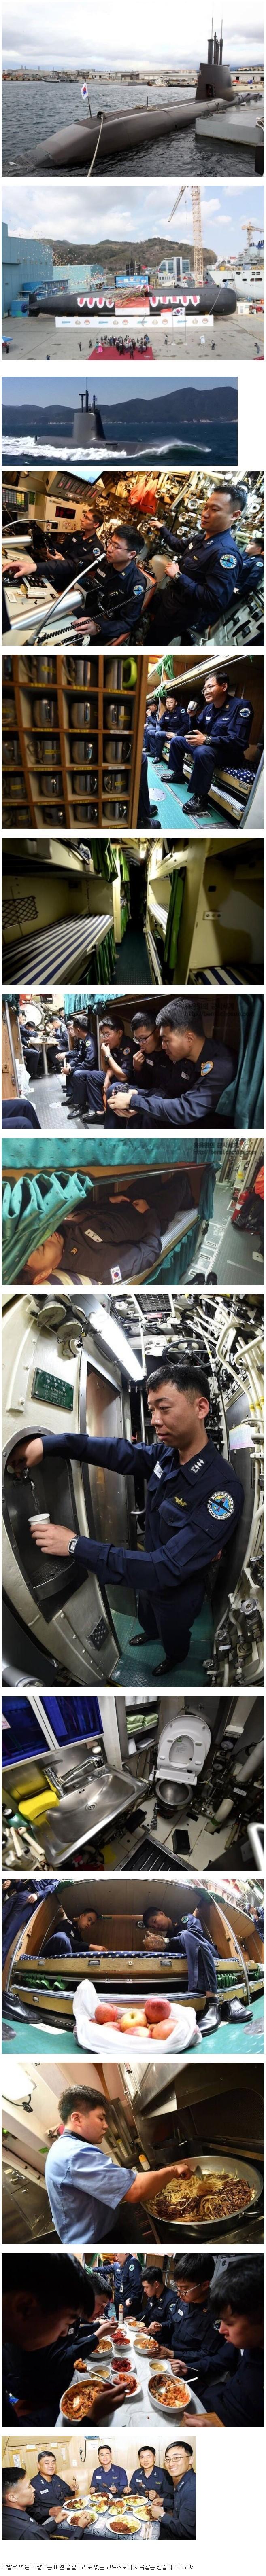 [유머] 한국 해군 잠수함 내부생활 -  와이드섬